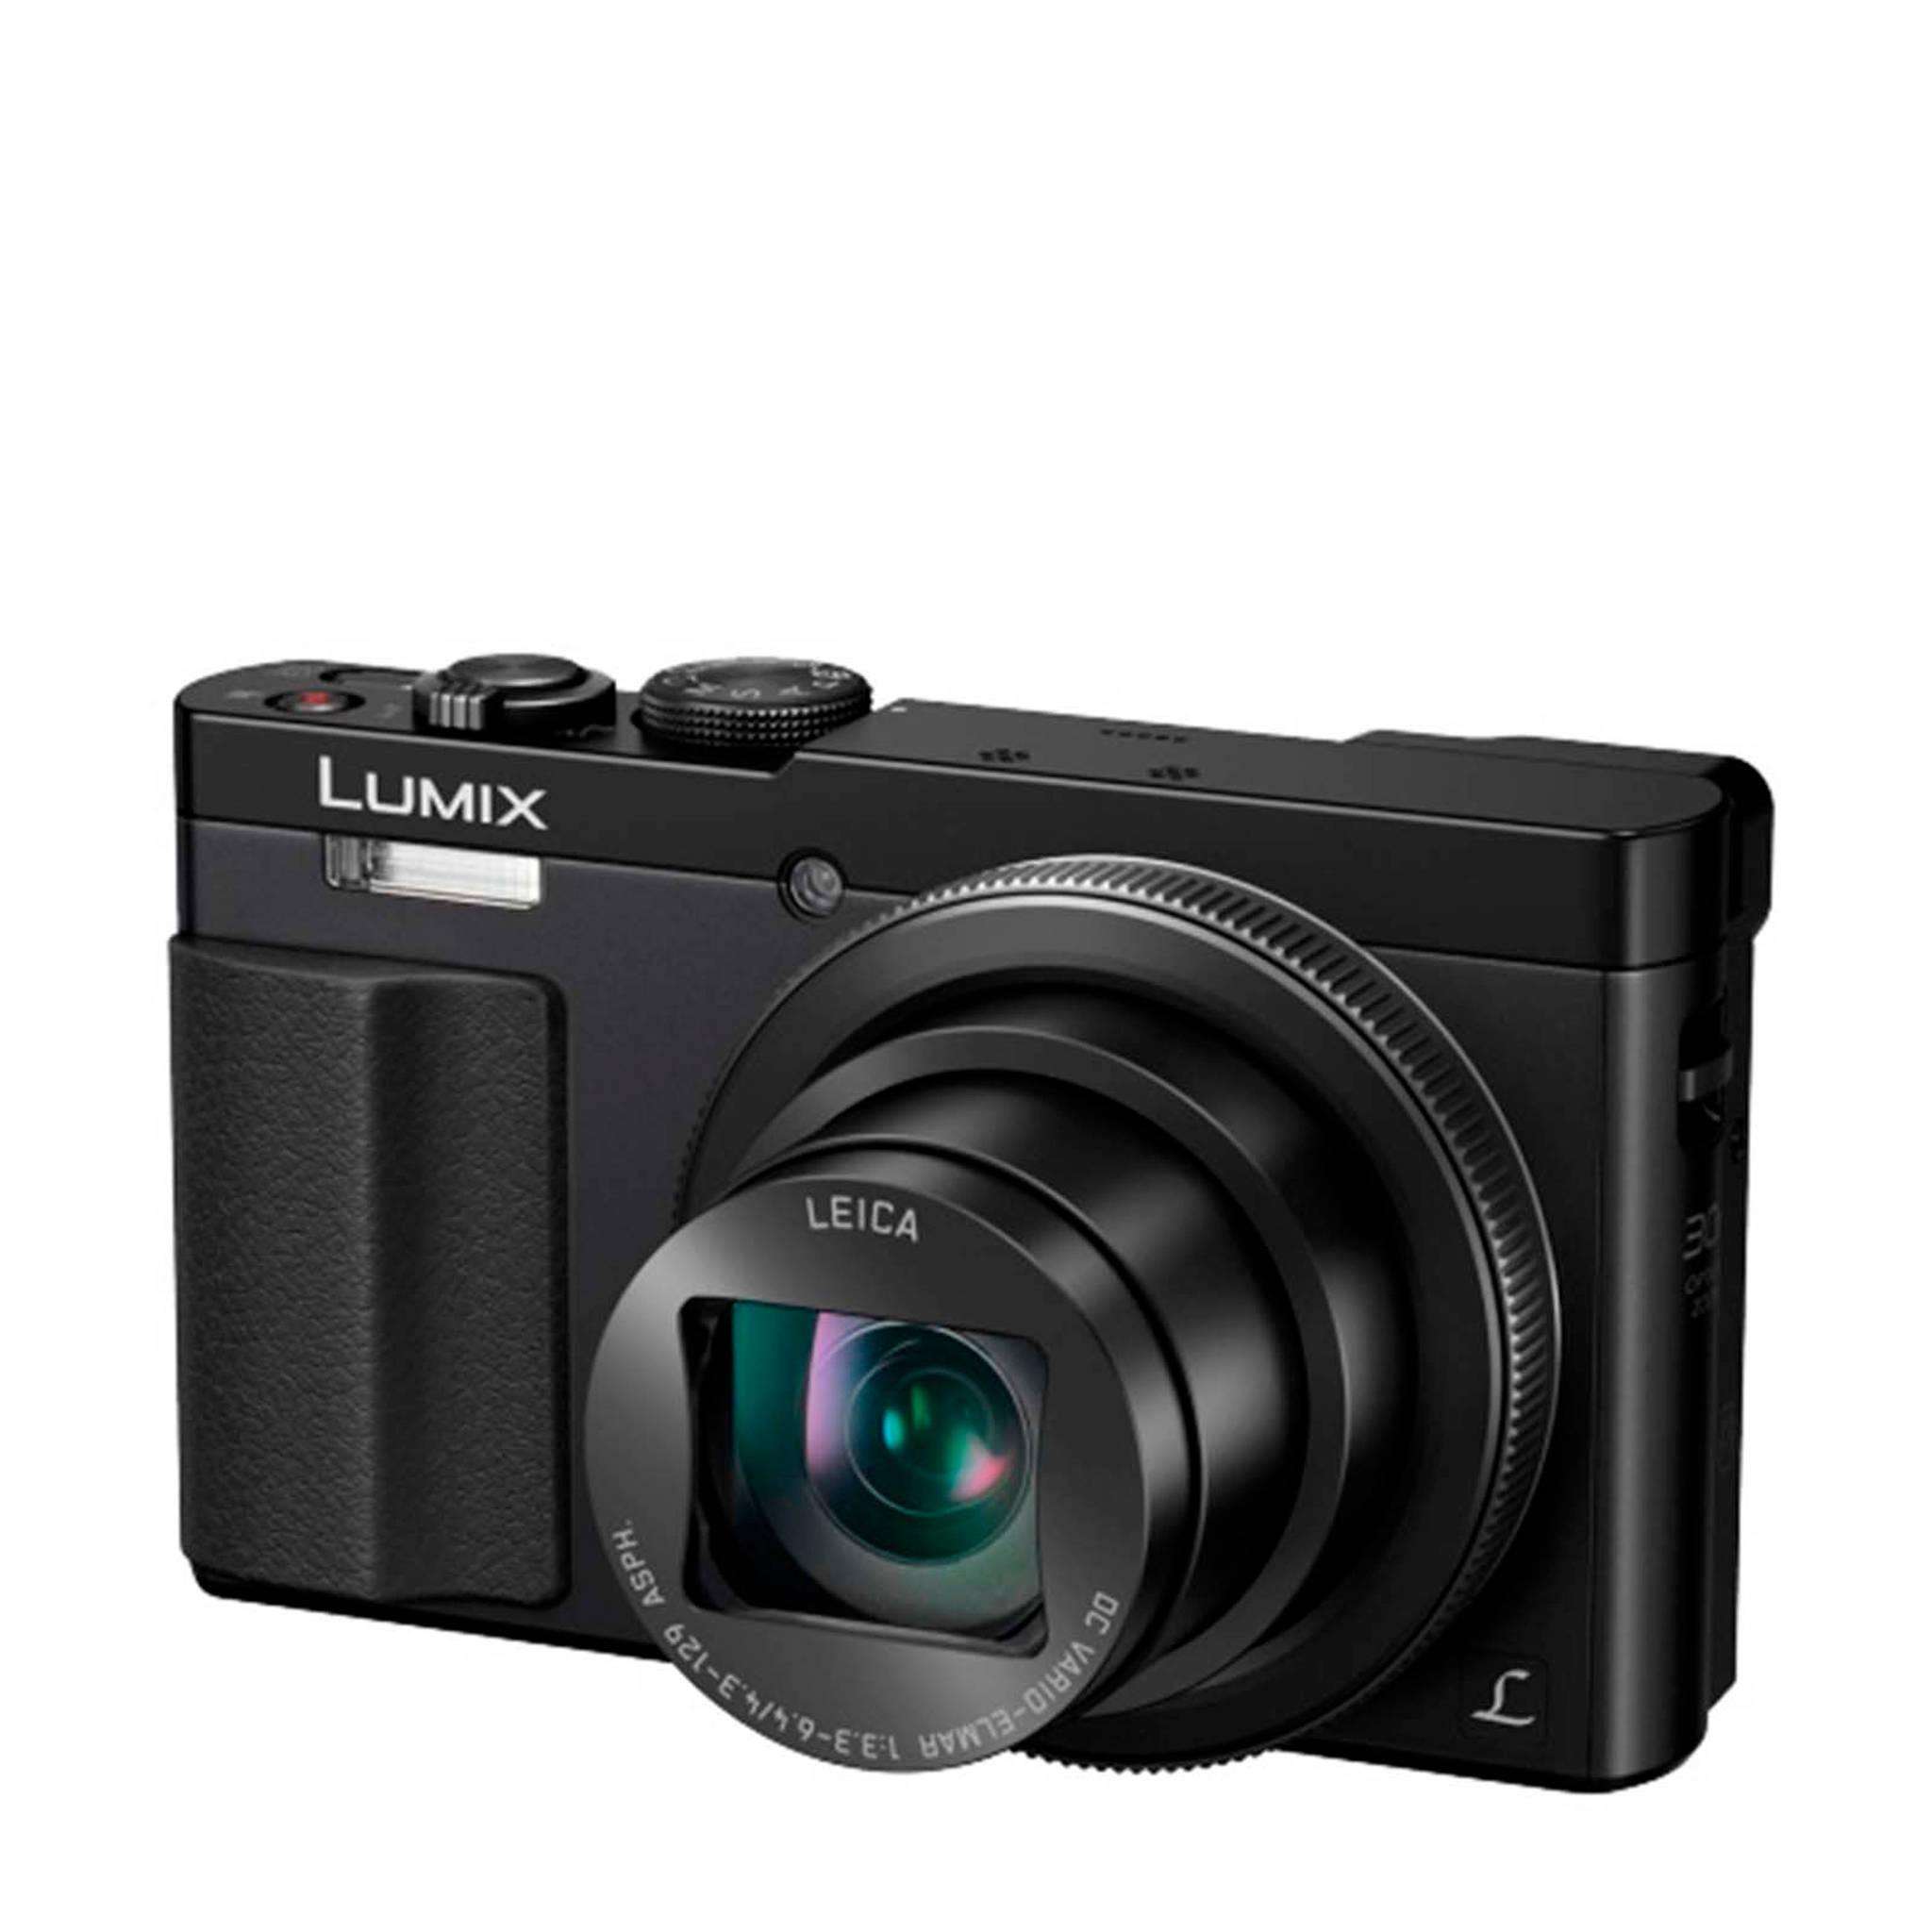 Panasonic Lumix DMC-TZ70 Kompakt 12 - Čierna